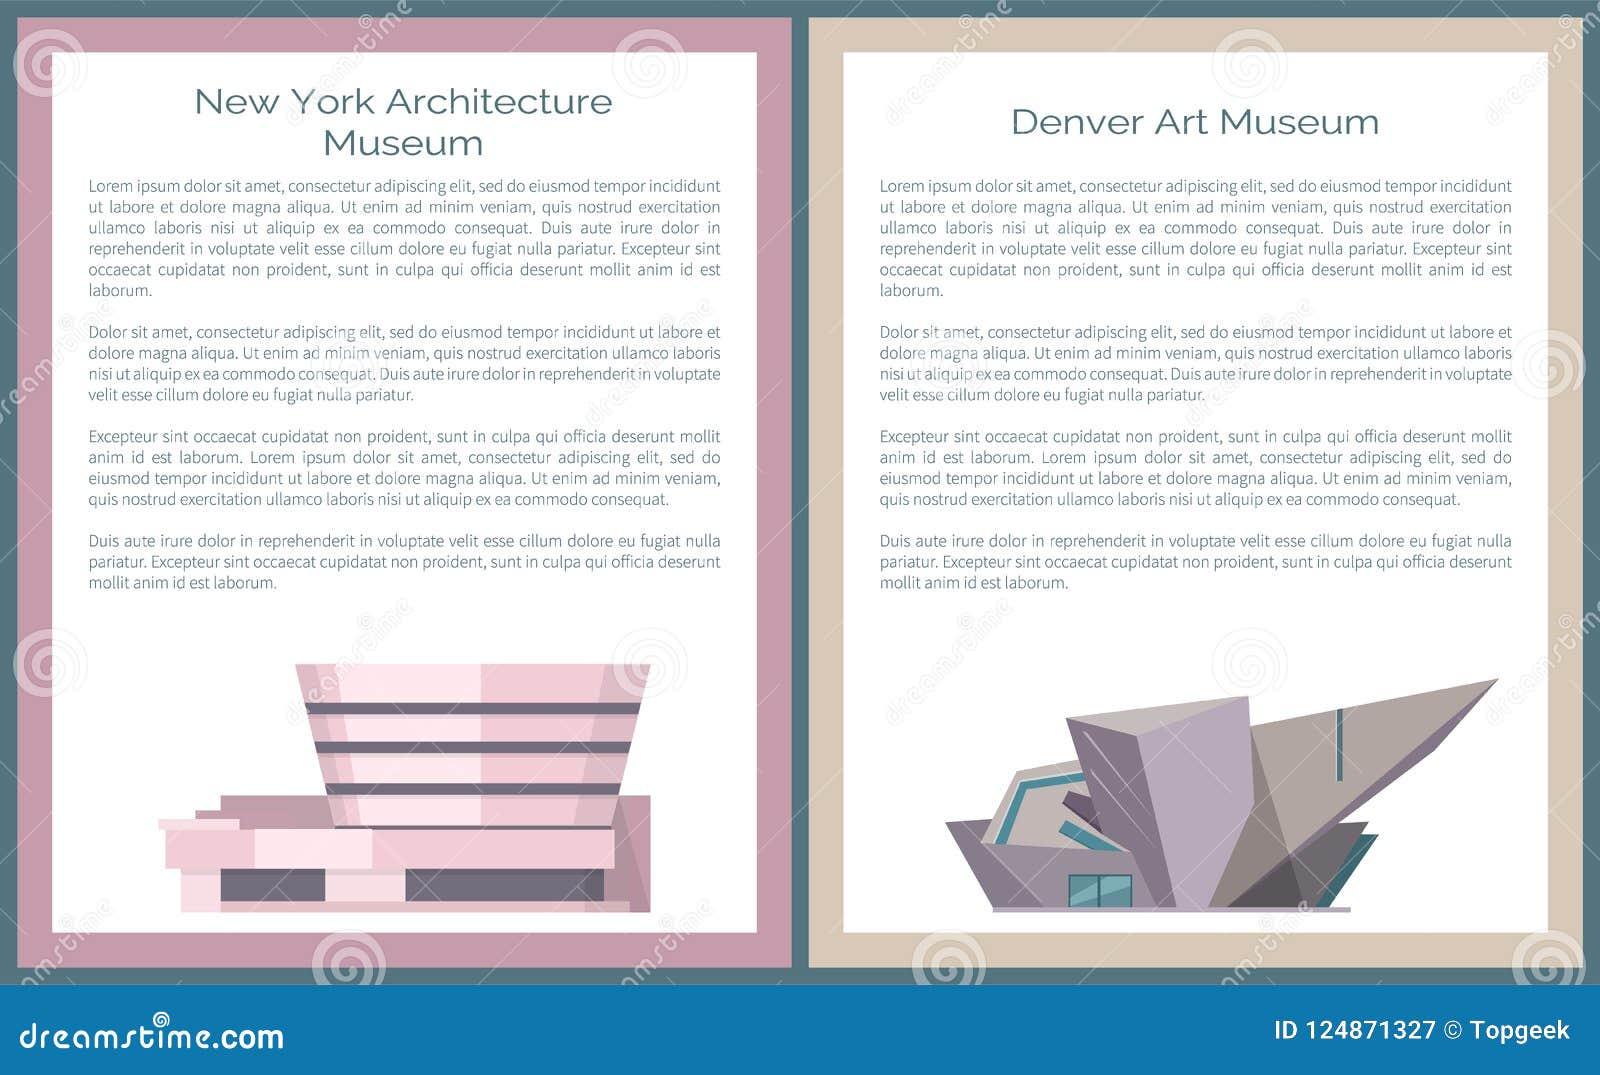 Denwerska sztuki tamy Nowy Jork architektura Guggenheim